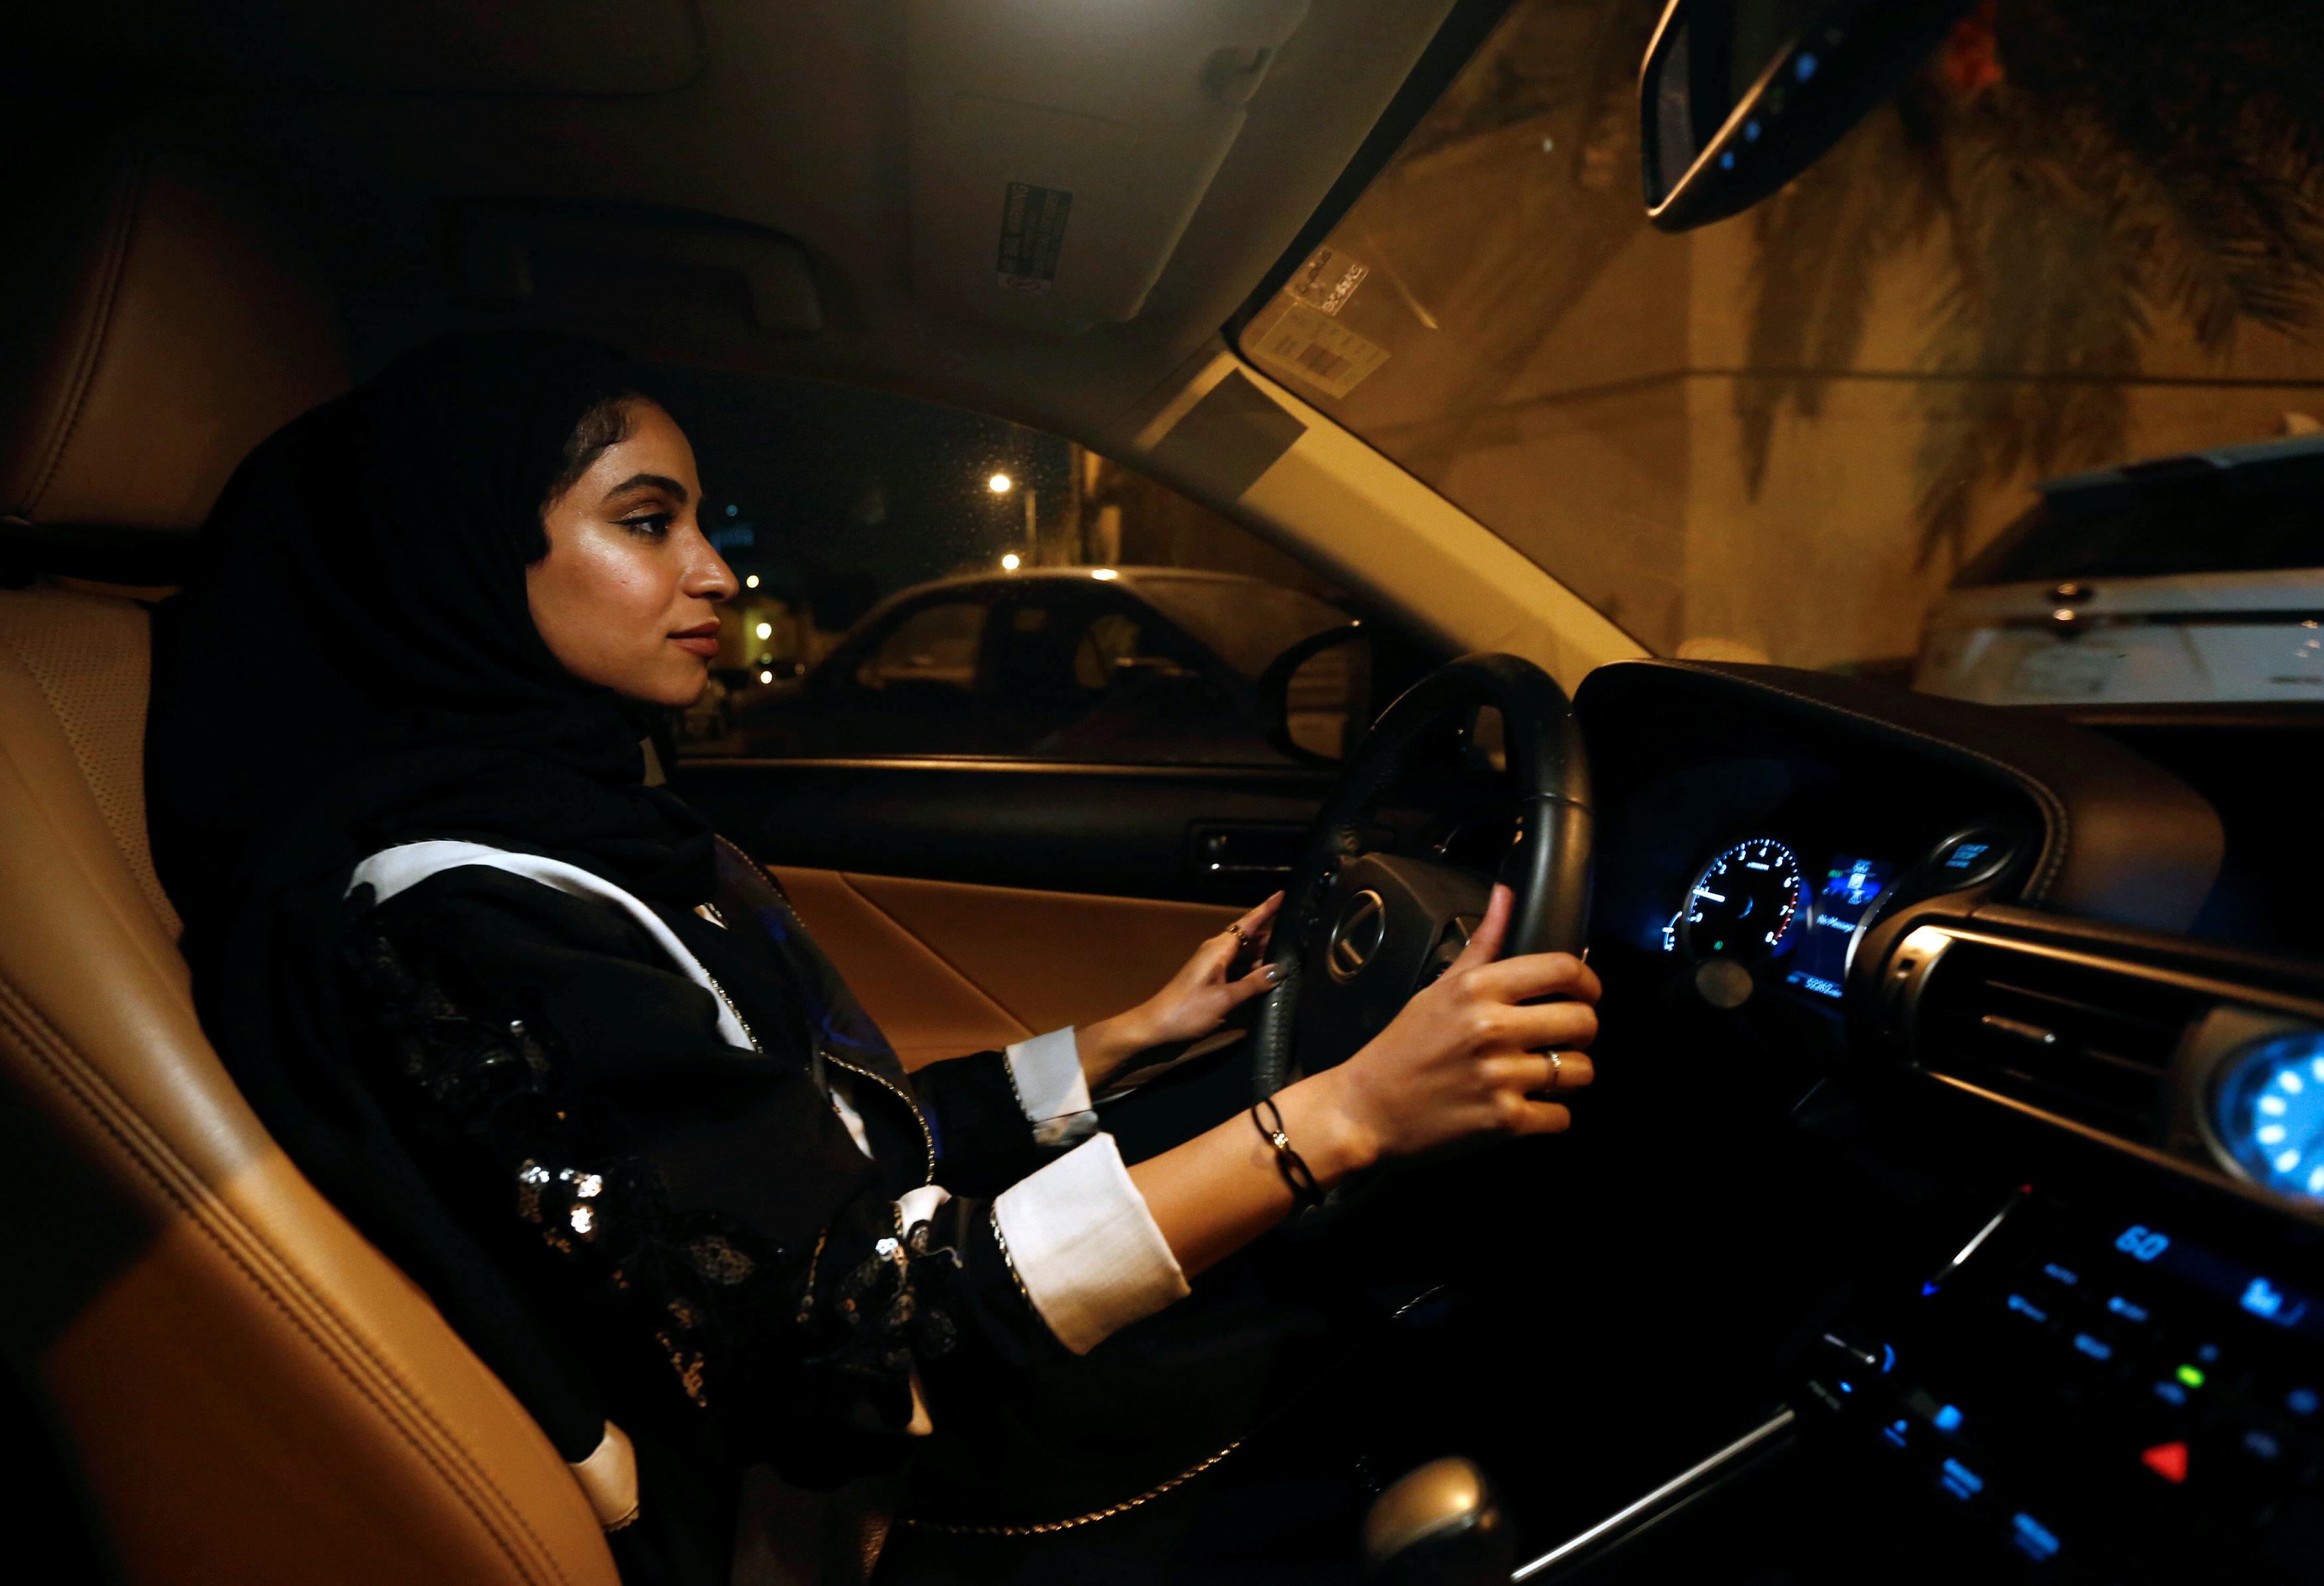 فتاة سعودية تقود سيارتها فى الرياض